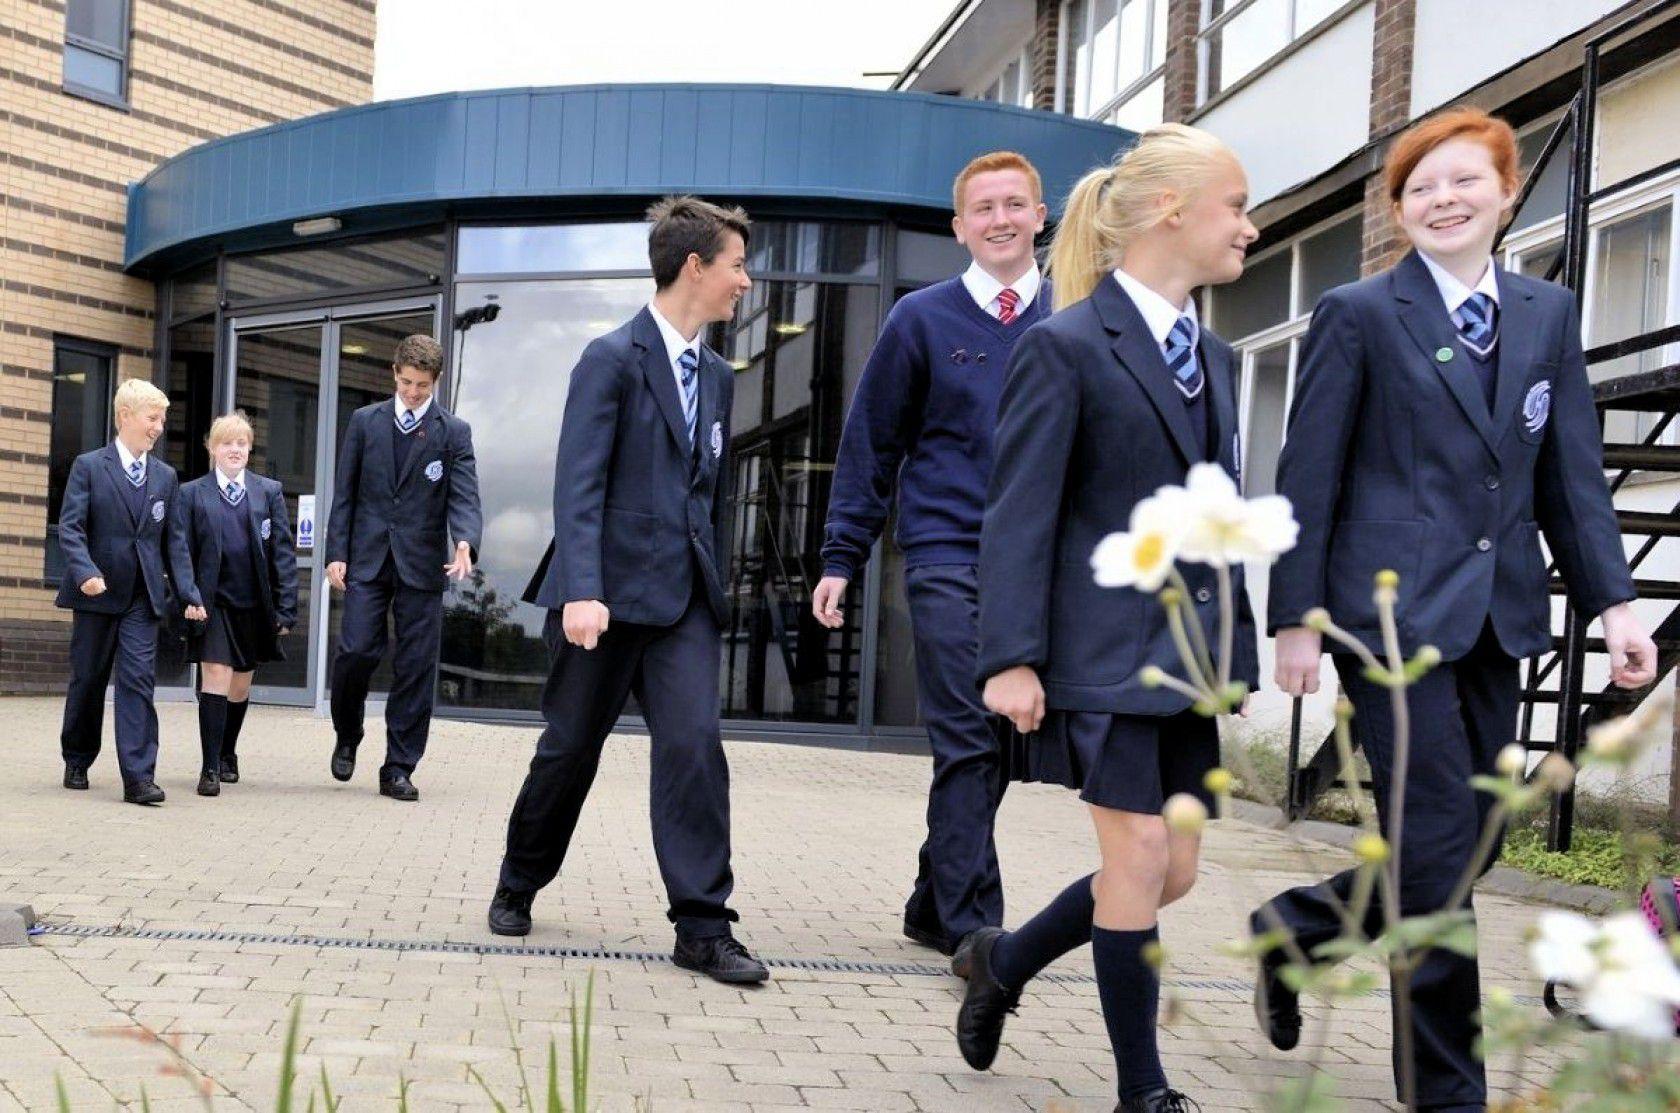 Kanada'da Lise Eğitimi Hakkında Bilinmesi Gerekenler